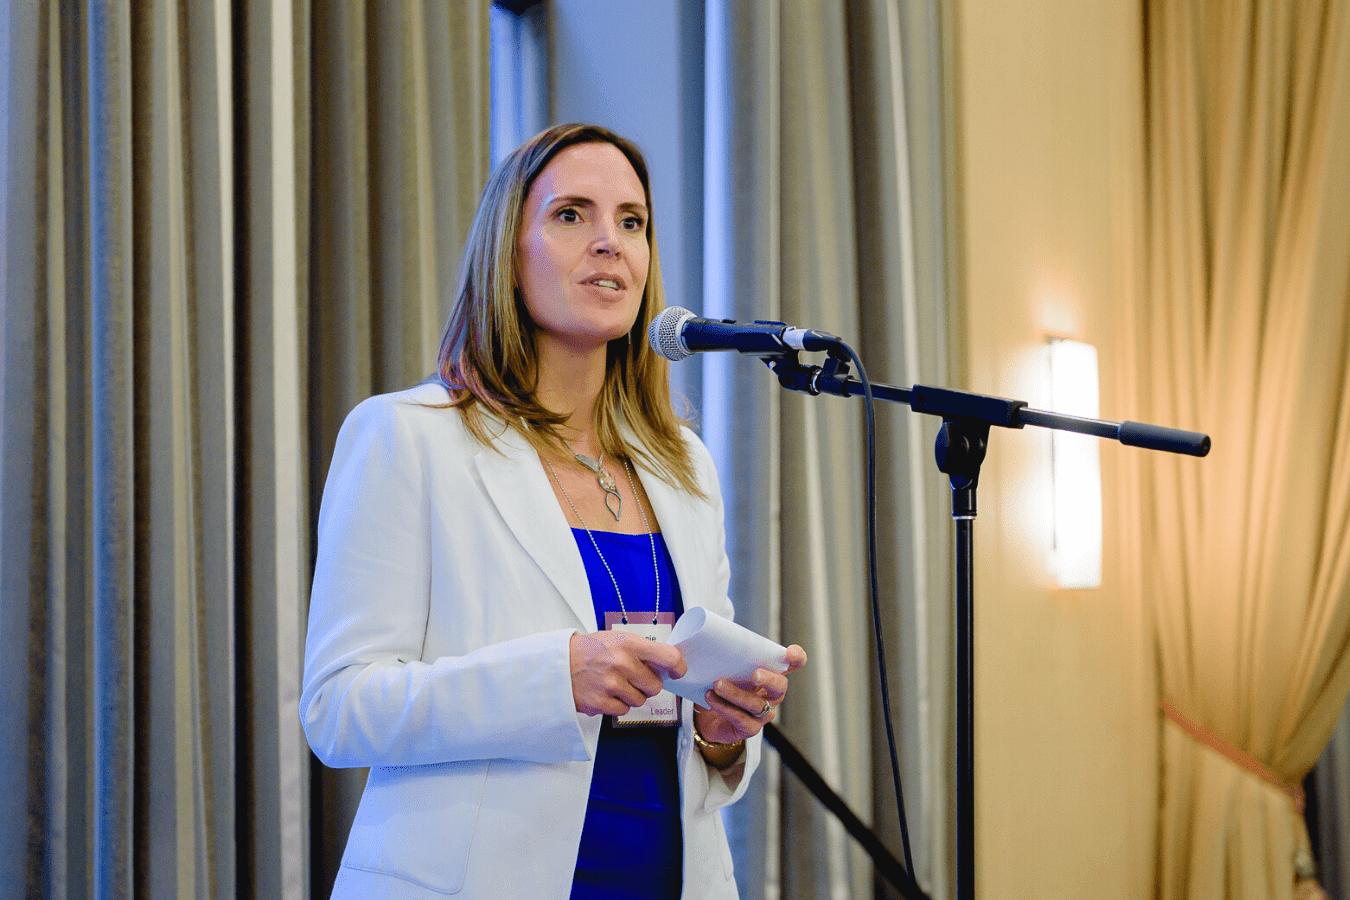 Gérer une équipe en télétravail : les conseils de Stéphanie Trudeau